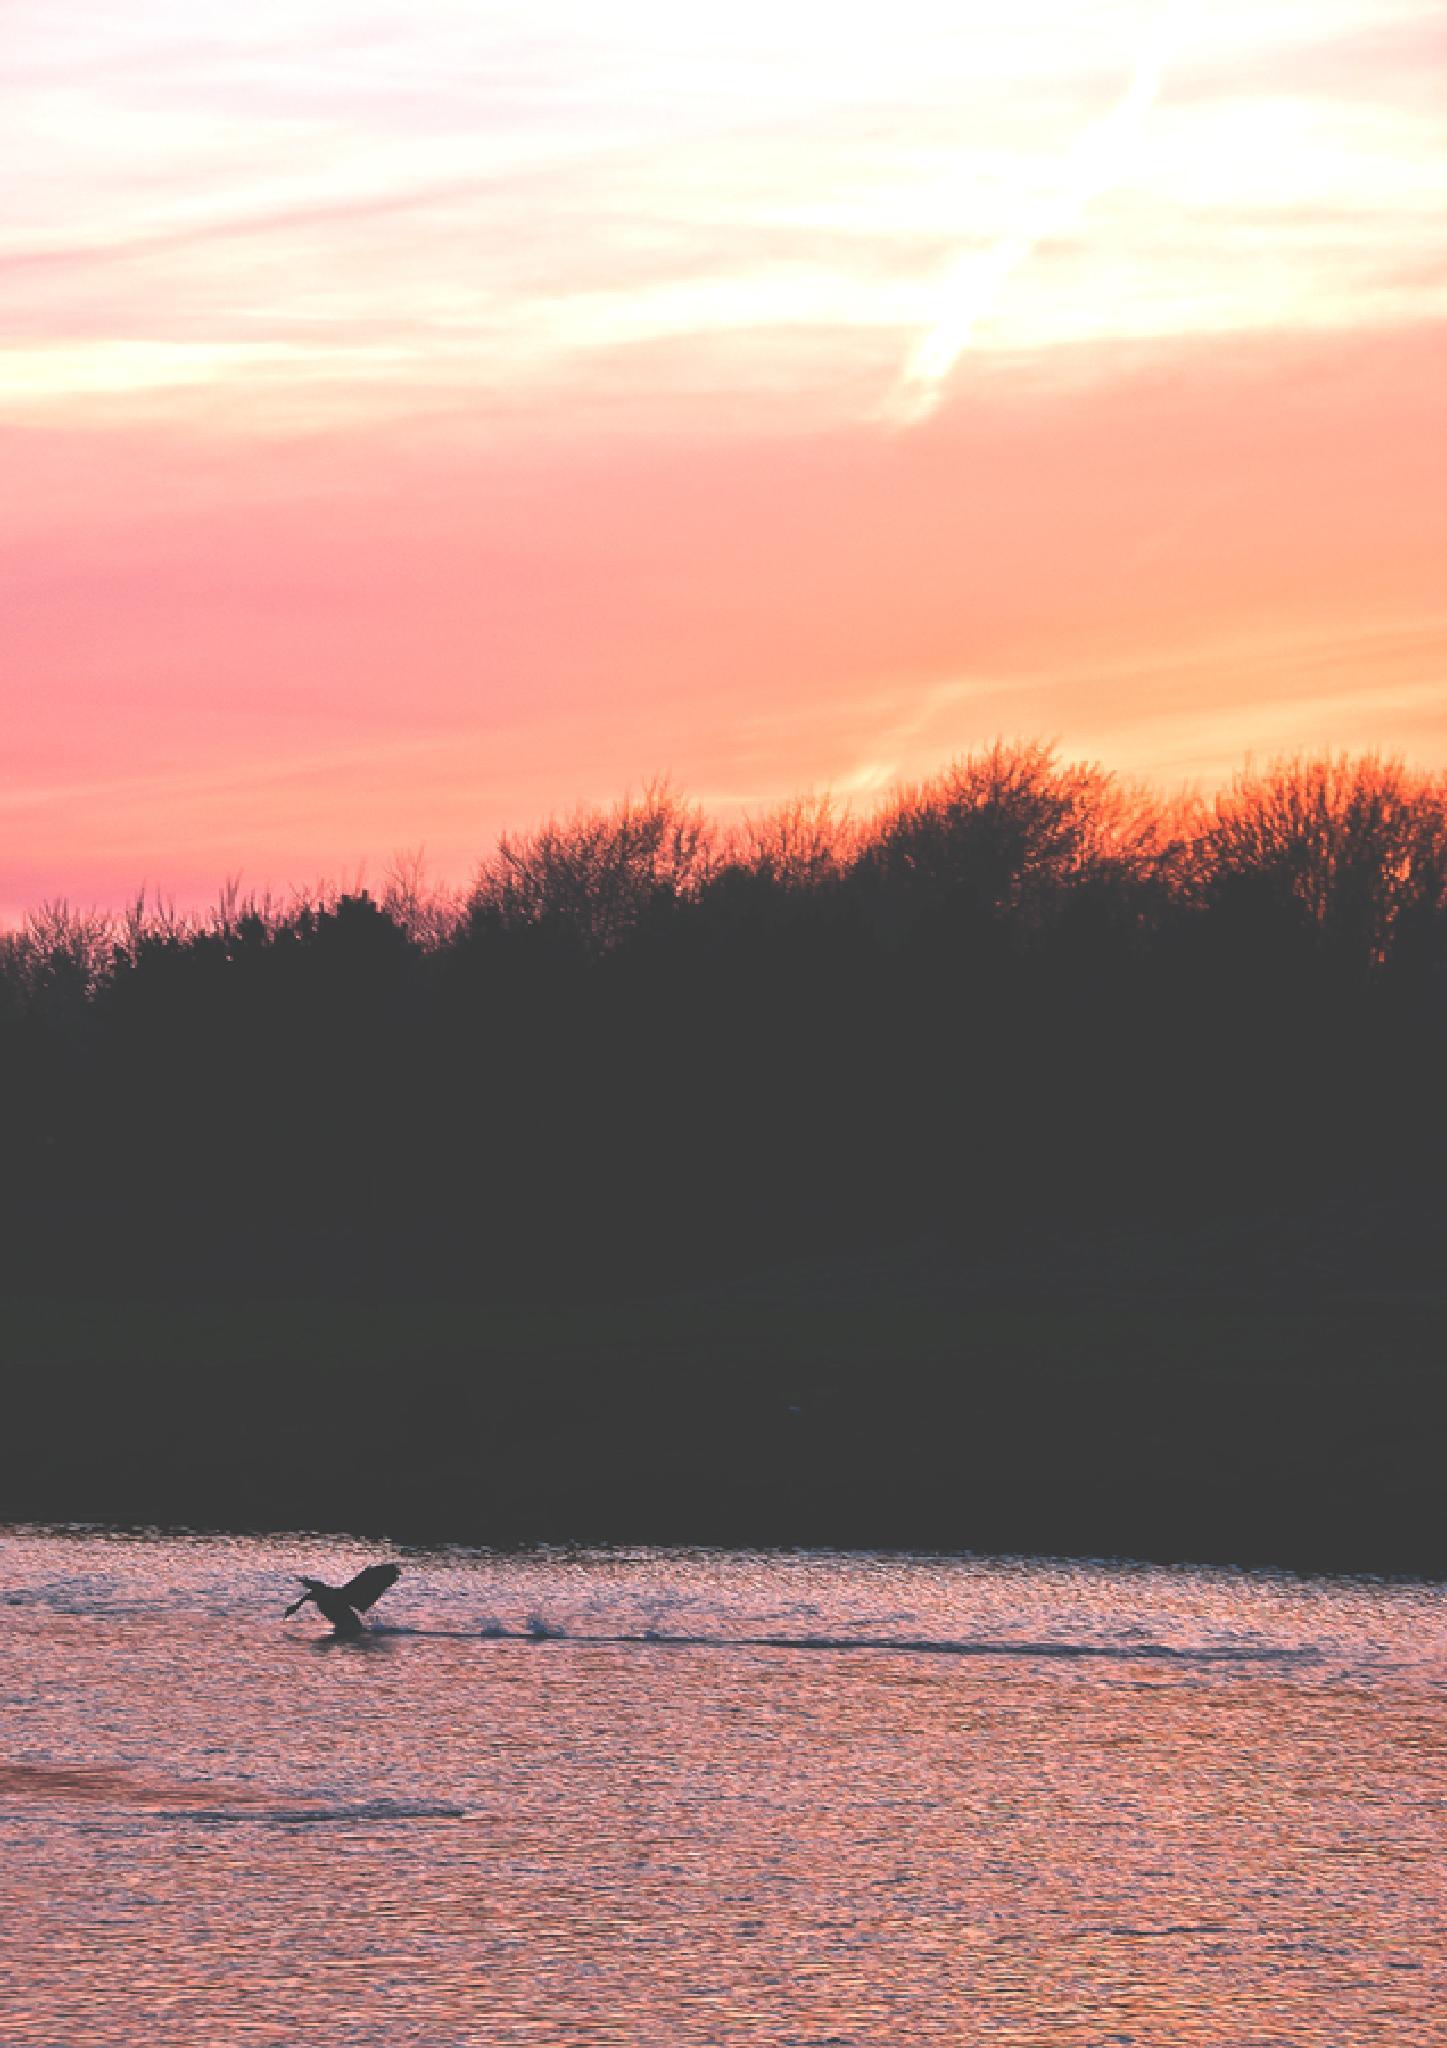 landing at sunset by Dawid Sadowski